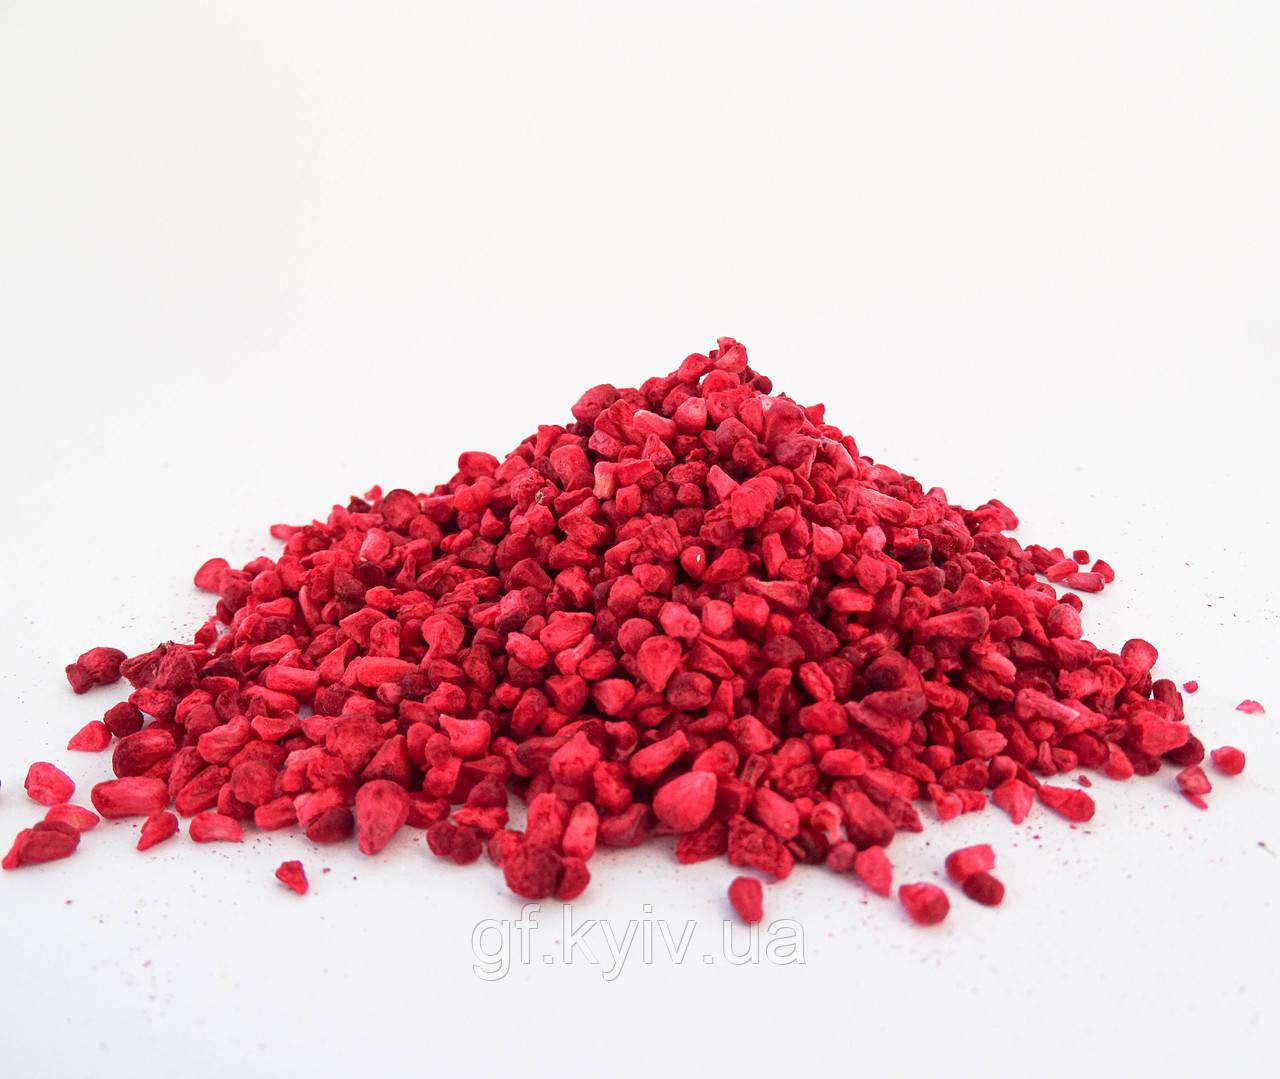 Малина зерна 100г сублимированная натуральные кусочки ягоды от украинского производителя